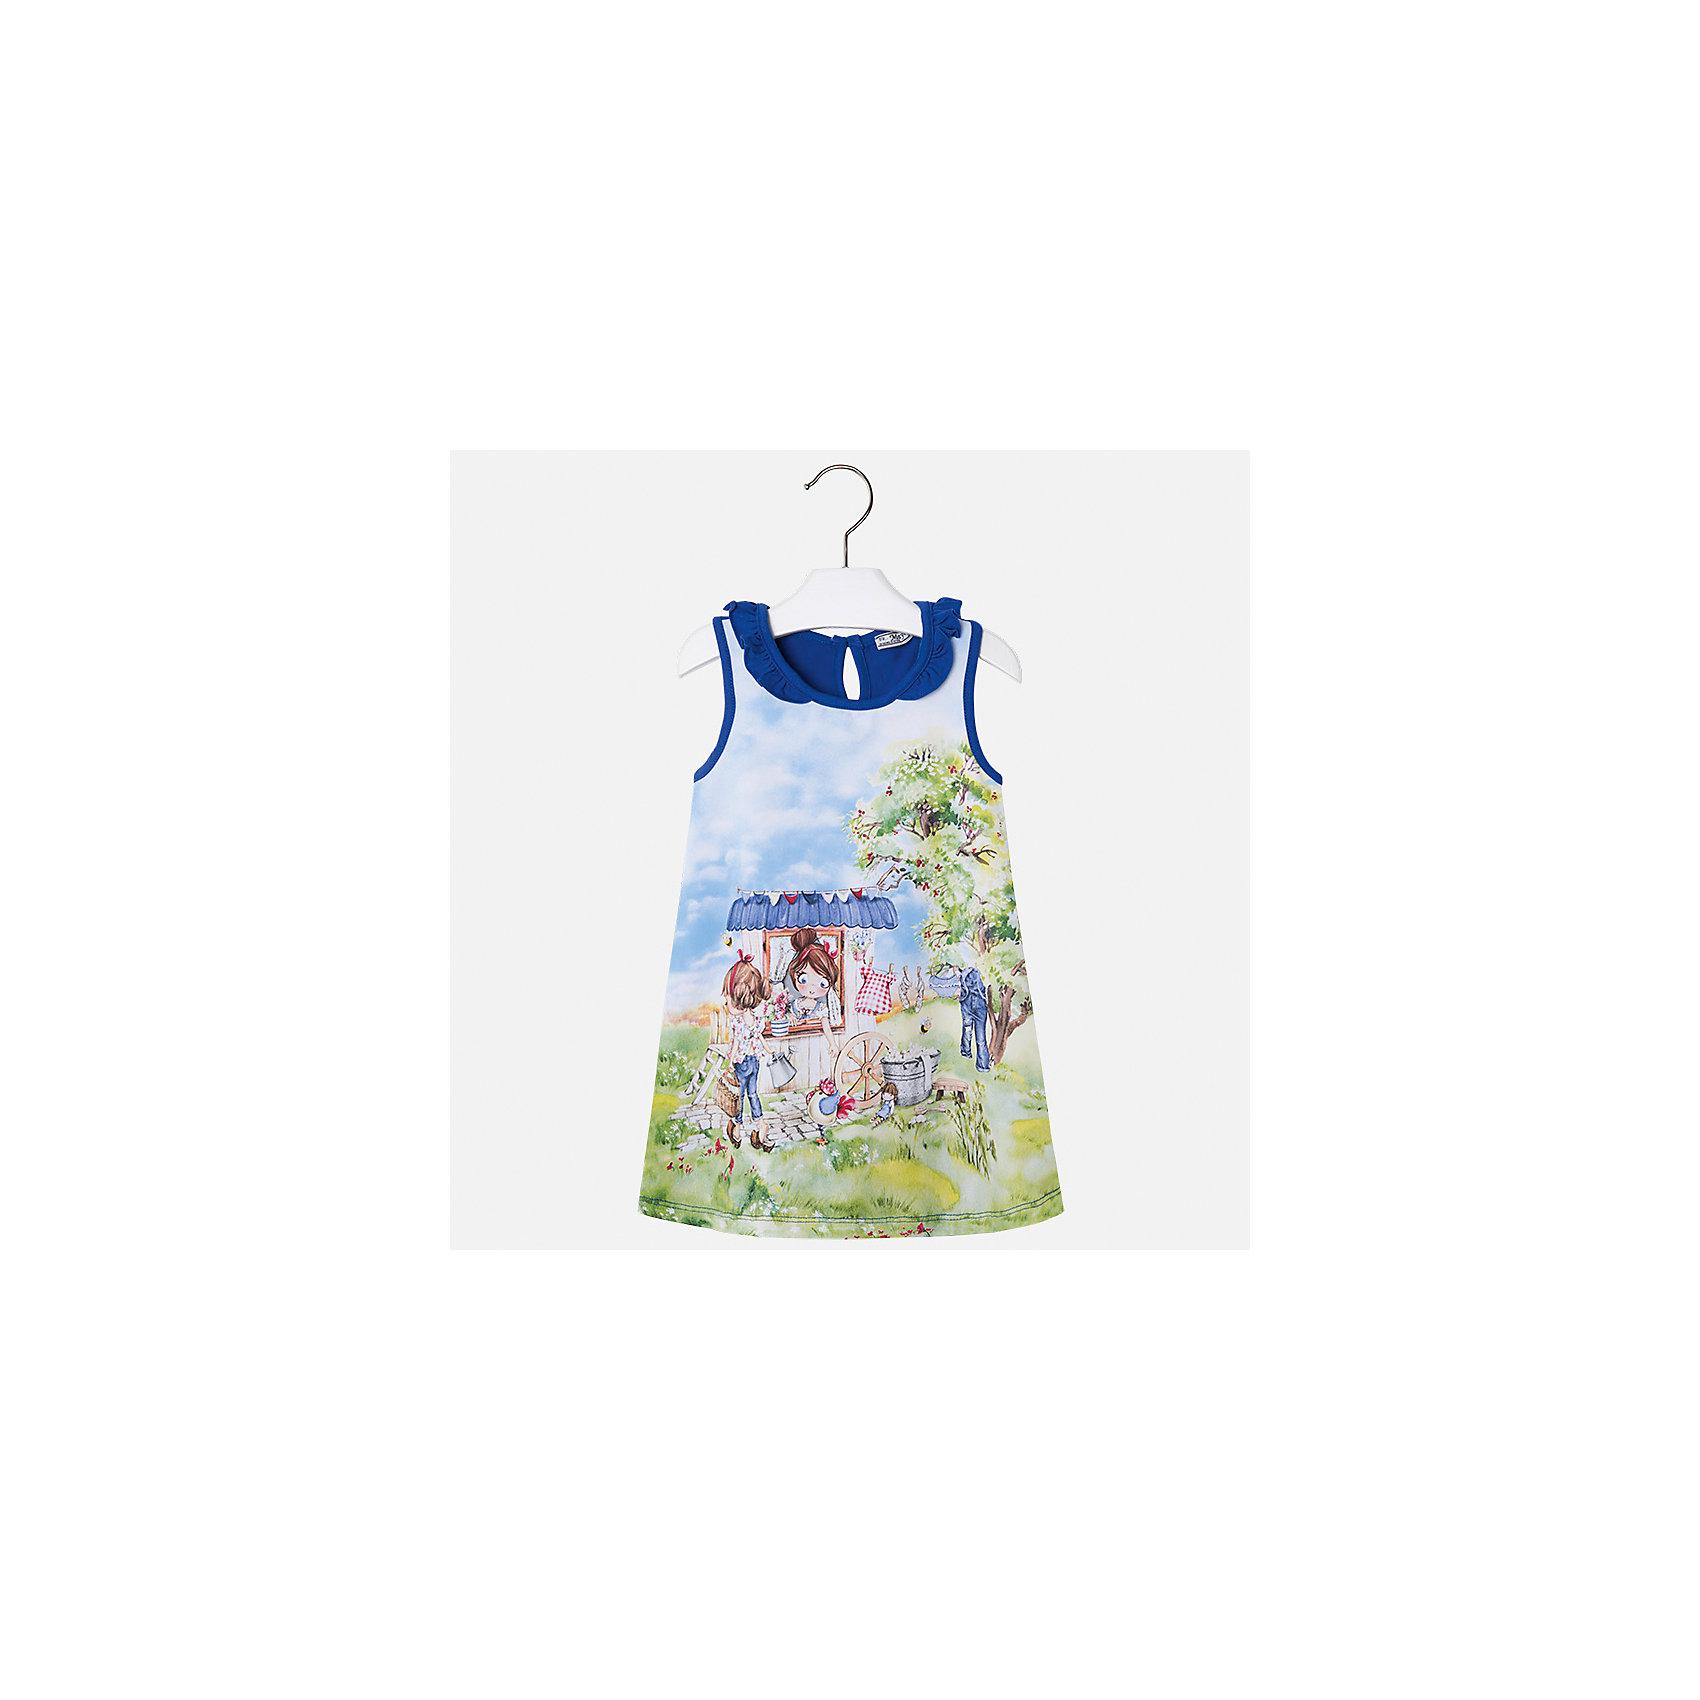 Платье для девочки MayoralХарактеристики товара:<br><br>• цвет: синий<br>• состав: 95% хлопок, 5% эластан<br>• застежка: пуговица<br>• комбинированный материал<br>• без рукавов<br>• декорировано принтом<br>• страна бренда: Испания<br><br>Стильное платье для девочки поможет разнообразить гардероб ребенка и создать эффектный наряд. Оно подойдет для различных случаев. Красивый оттенок позволяет подобрать к вещи обувь разных расцветок. Платье хорошо сидит по фигуре. В составе материала - натуральный хлопок, гипоаллергенный, приятный на ощупь, дышащий.<br><br>Одежда, обувь и аксессуары от испанского бренда Mayoral полюбились детям и взрослым по всему миру. Модели этой марки - стильные и удобные. Для их производства используются только безопасные, качественные материалы и фурнитура. Порадуйте ребенка модными и красивыми вещами от Mayoral! <br><br>Платье для девочки от испанского бренда Mayoral (Майорал) можно купить в нашем интернет-магазине.<br><br>Ширина мм: 236<br>Глубина мм: 16<br>Высота мм: 184<br>Вес г: 177<br>Цвет: синий<br>Возраст от месяцев: 96<br>Возраст до месяцев: 108<br>Пол: Женский<br>Возраст: Детский<br>Размер: 134,92,98,104,110,116,122,128<br>SKU: 5300672